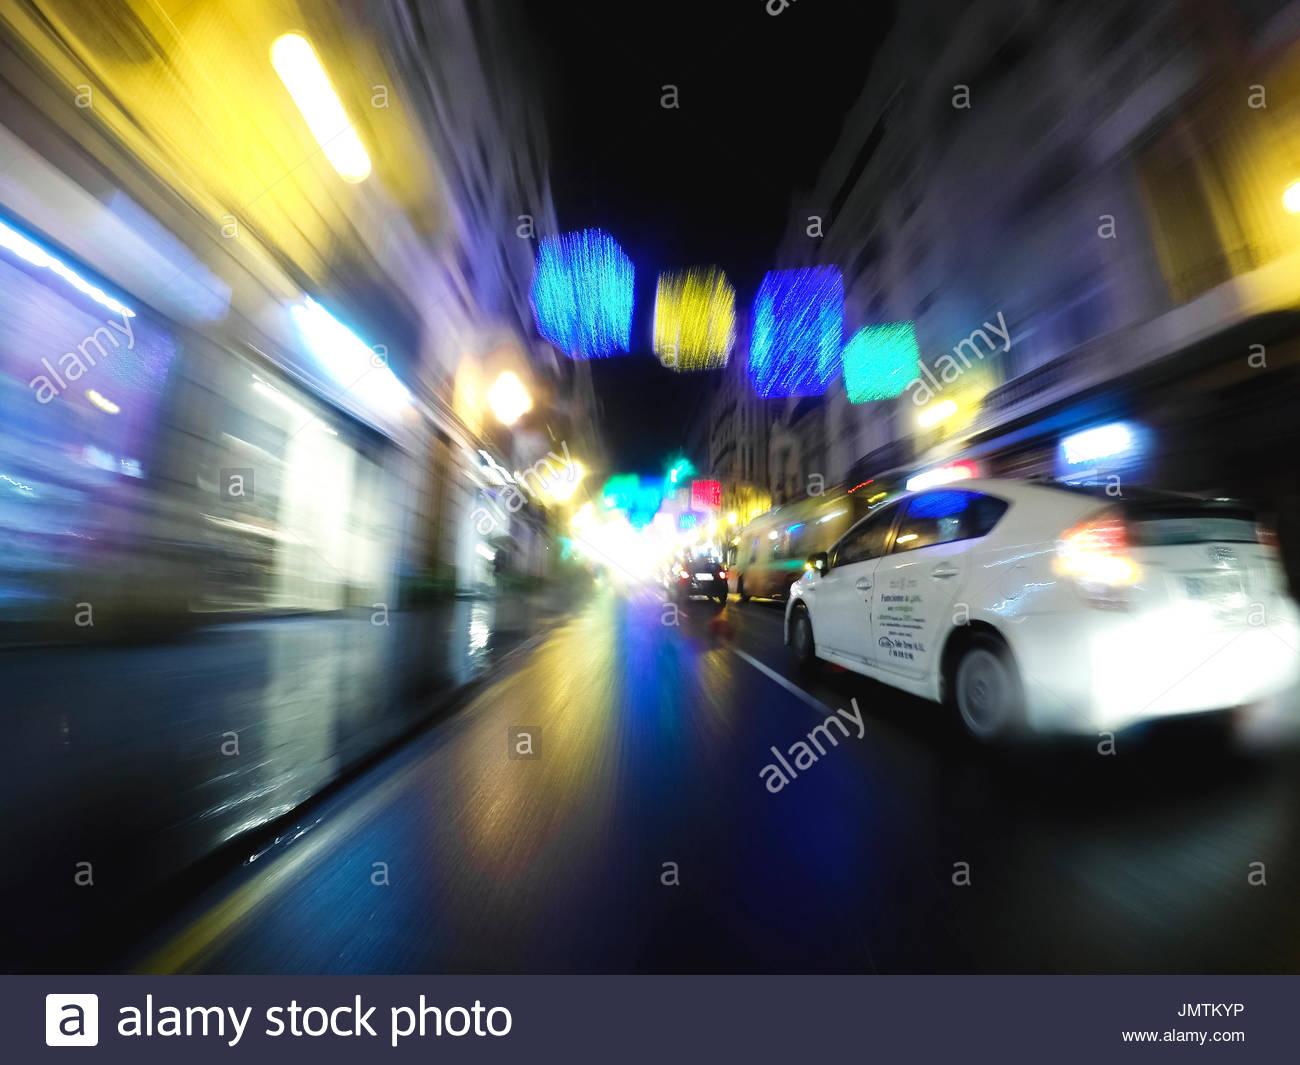 Taxi en las calles de valencia Stock Photo